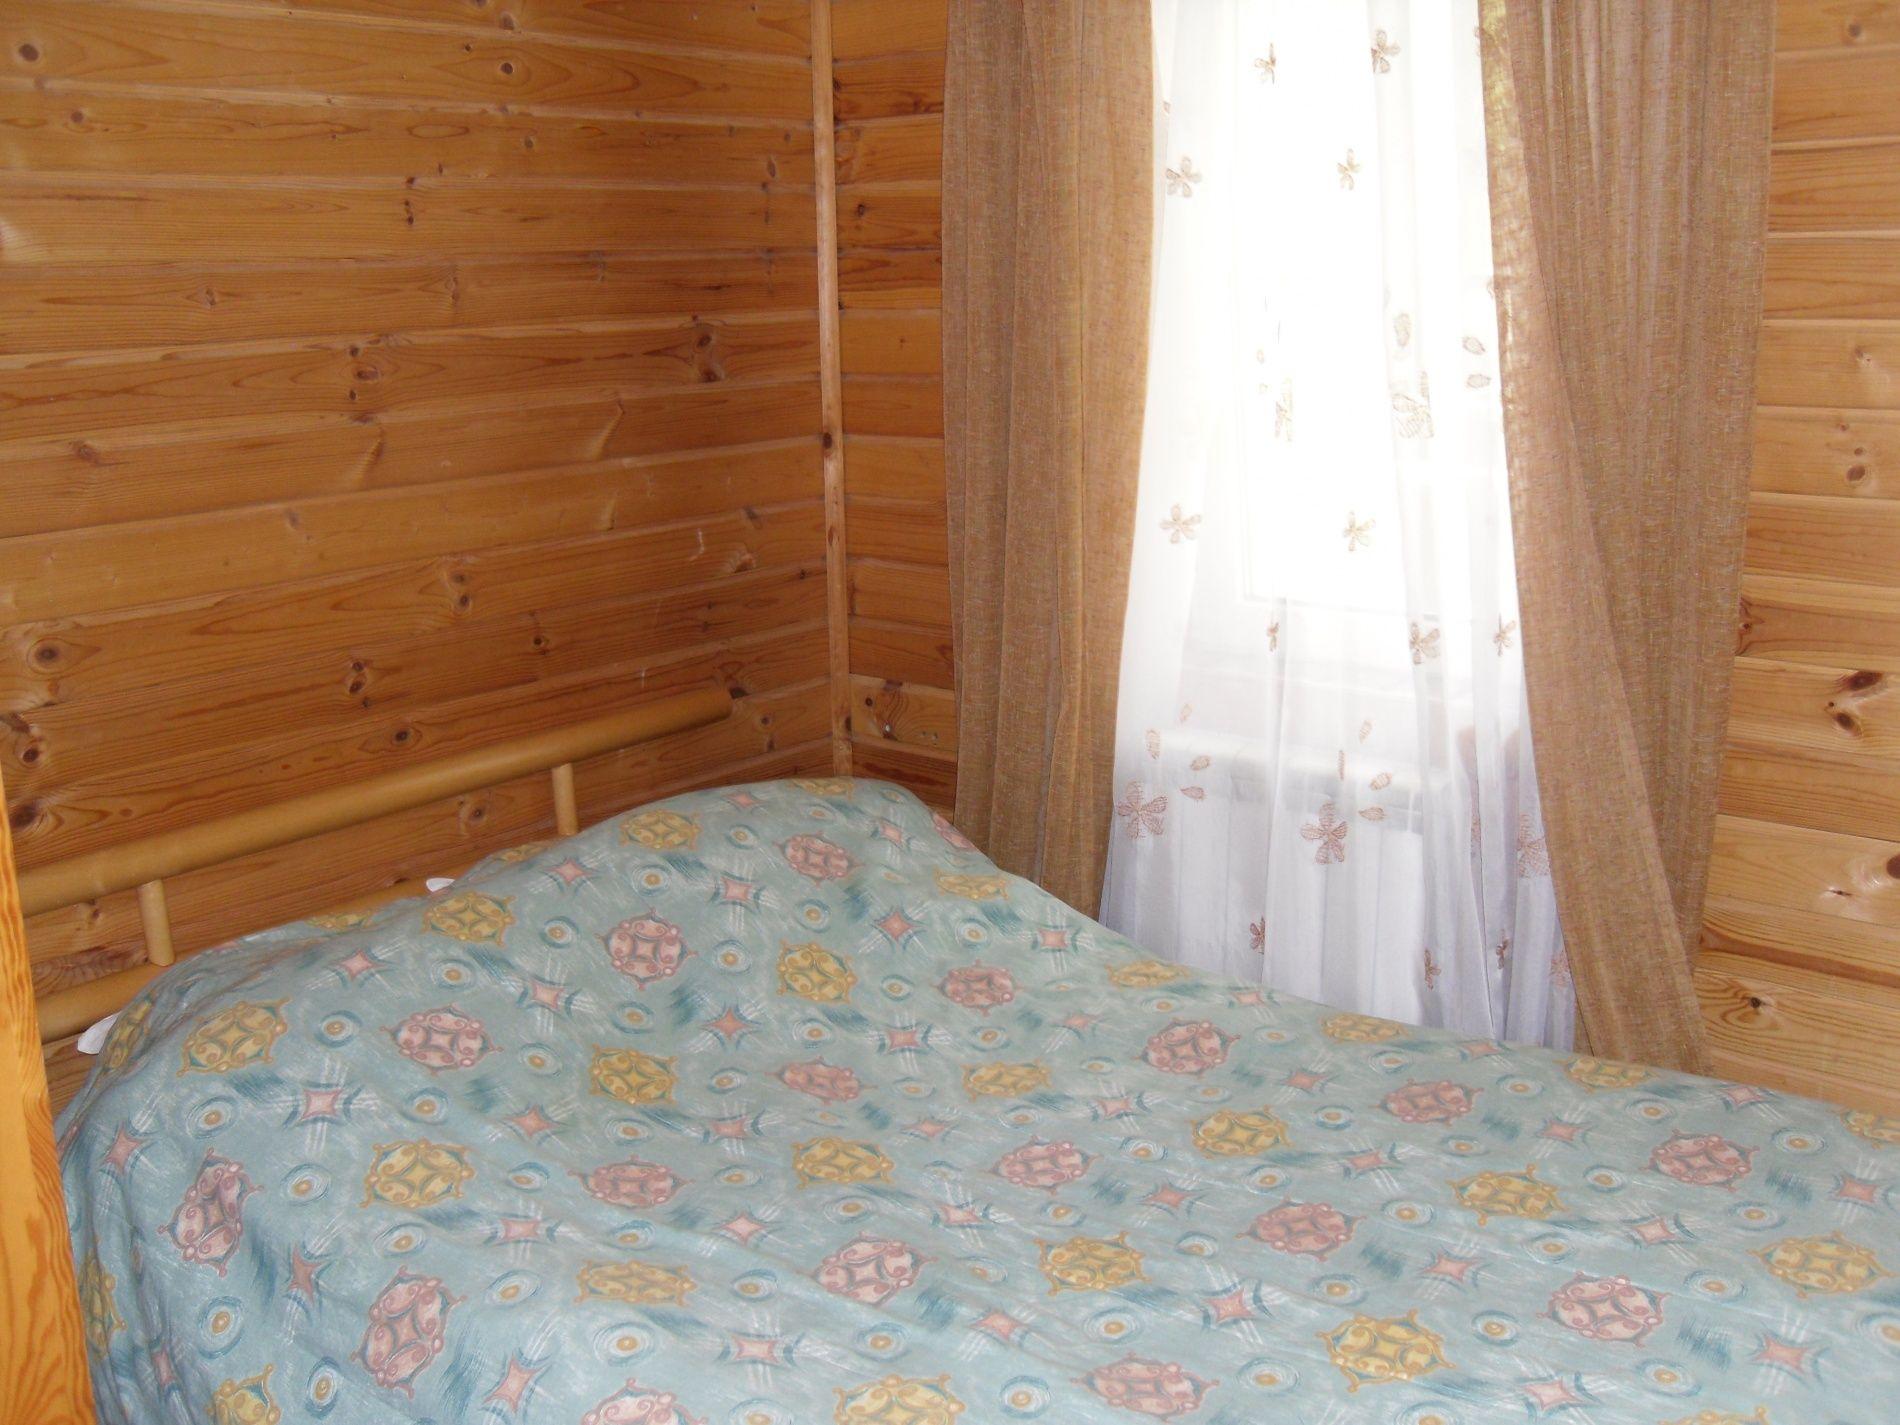 Туристический комплекс «Мирная Пристань» Ивановская область 1-комнатный номер 1 категории (№ 4, 6, 19, 10), фото 2